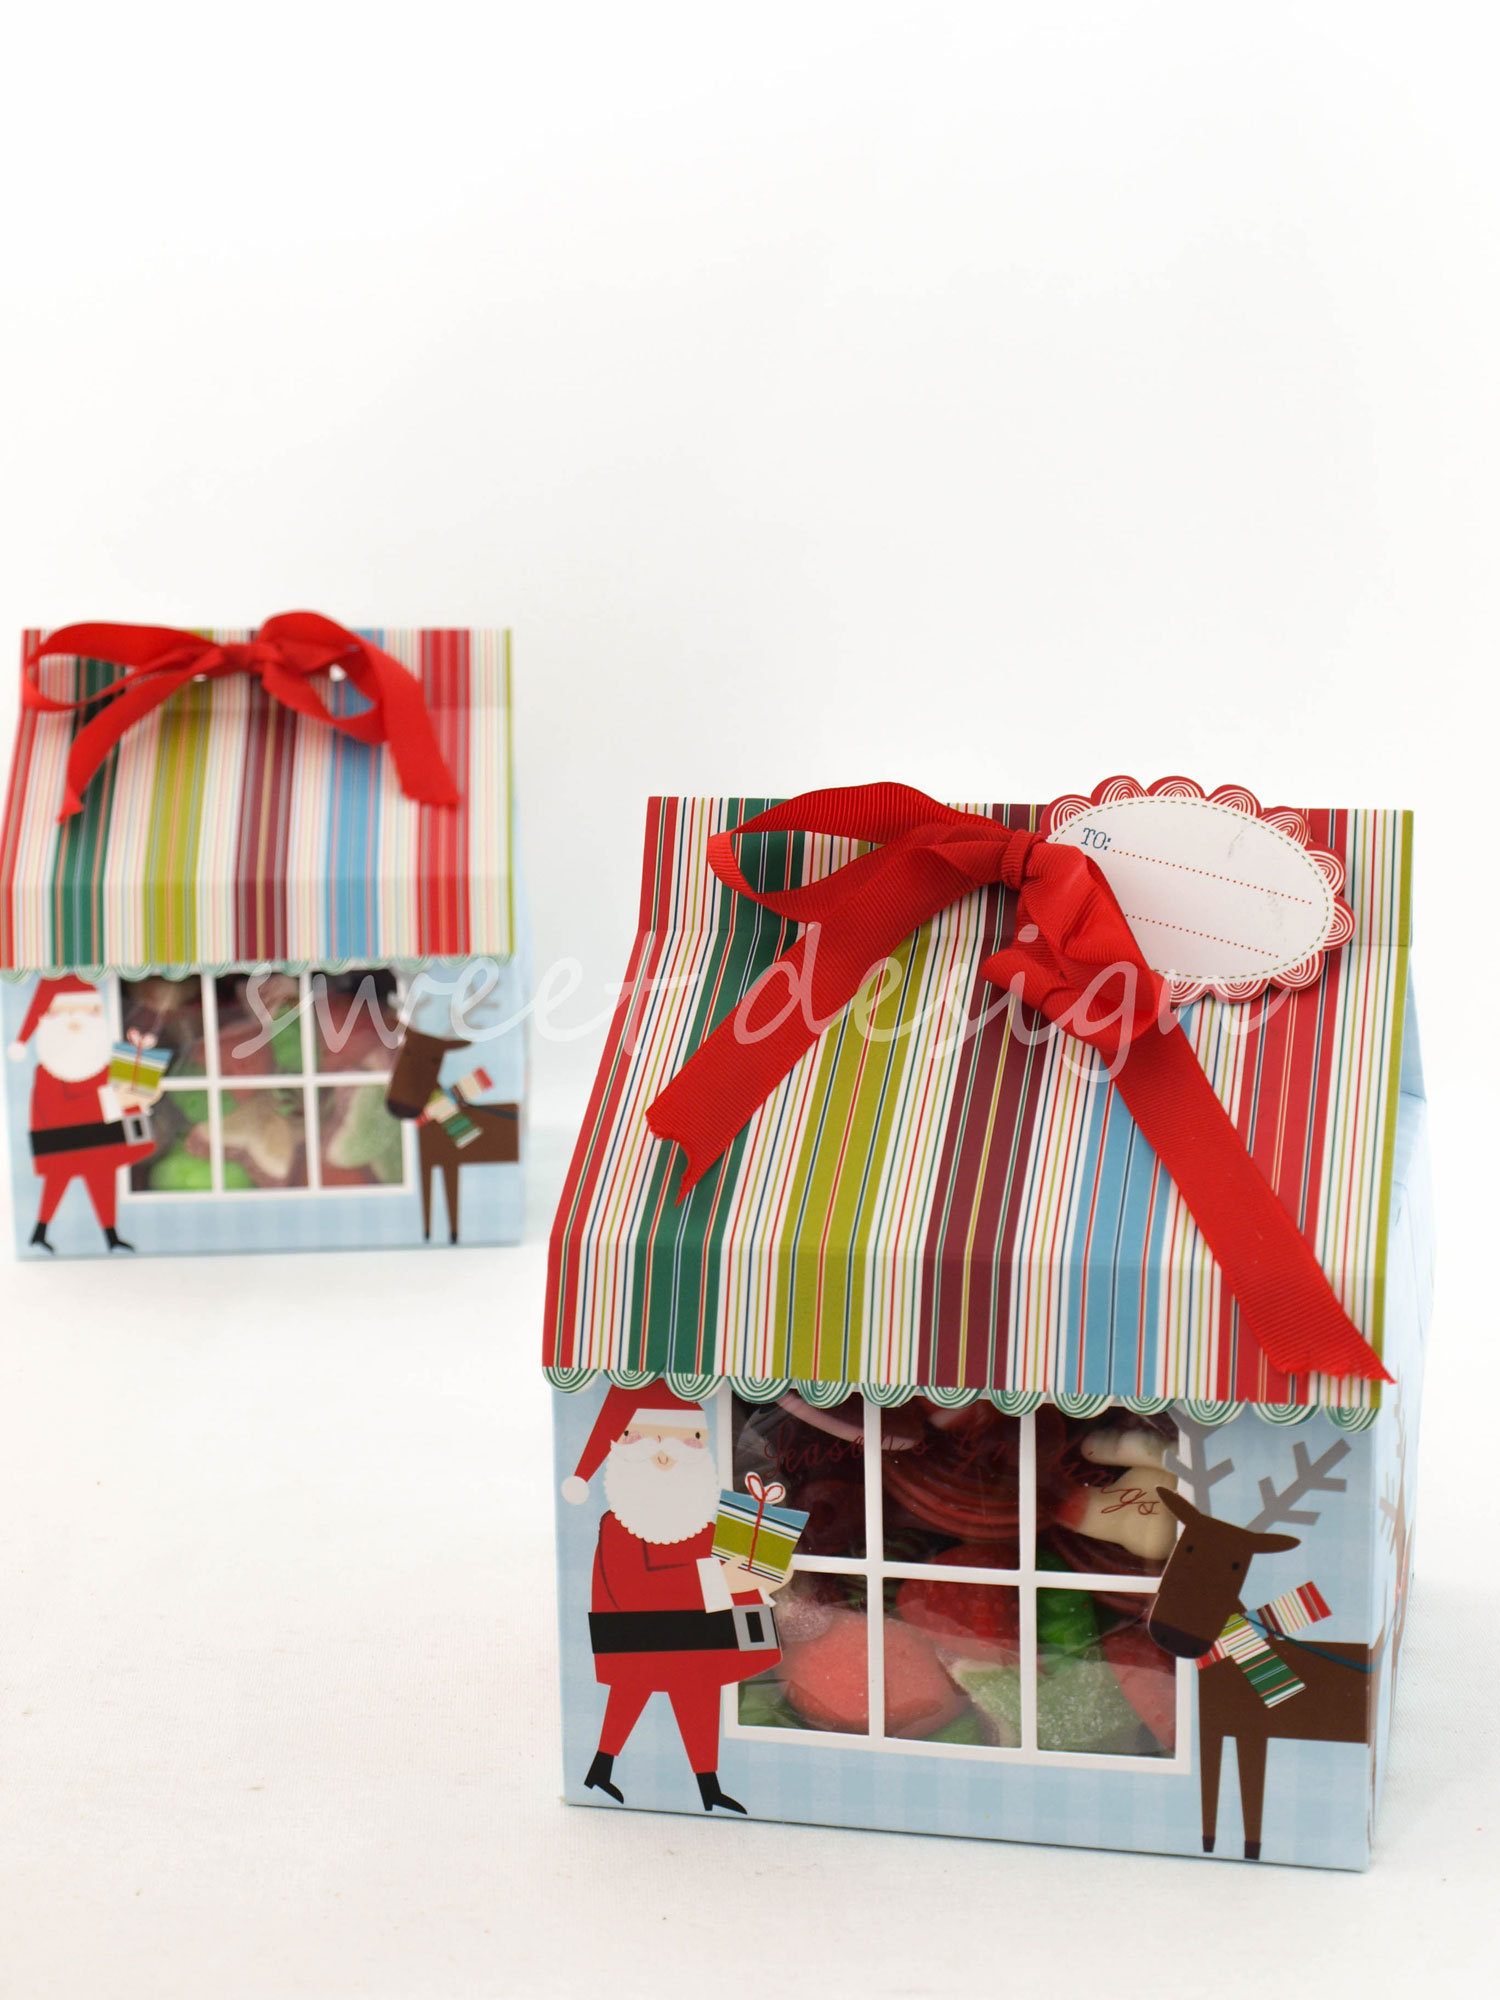 Casita de navidad con chuches s lo casita sweet design - Casitas de navidad ...